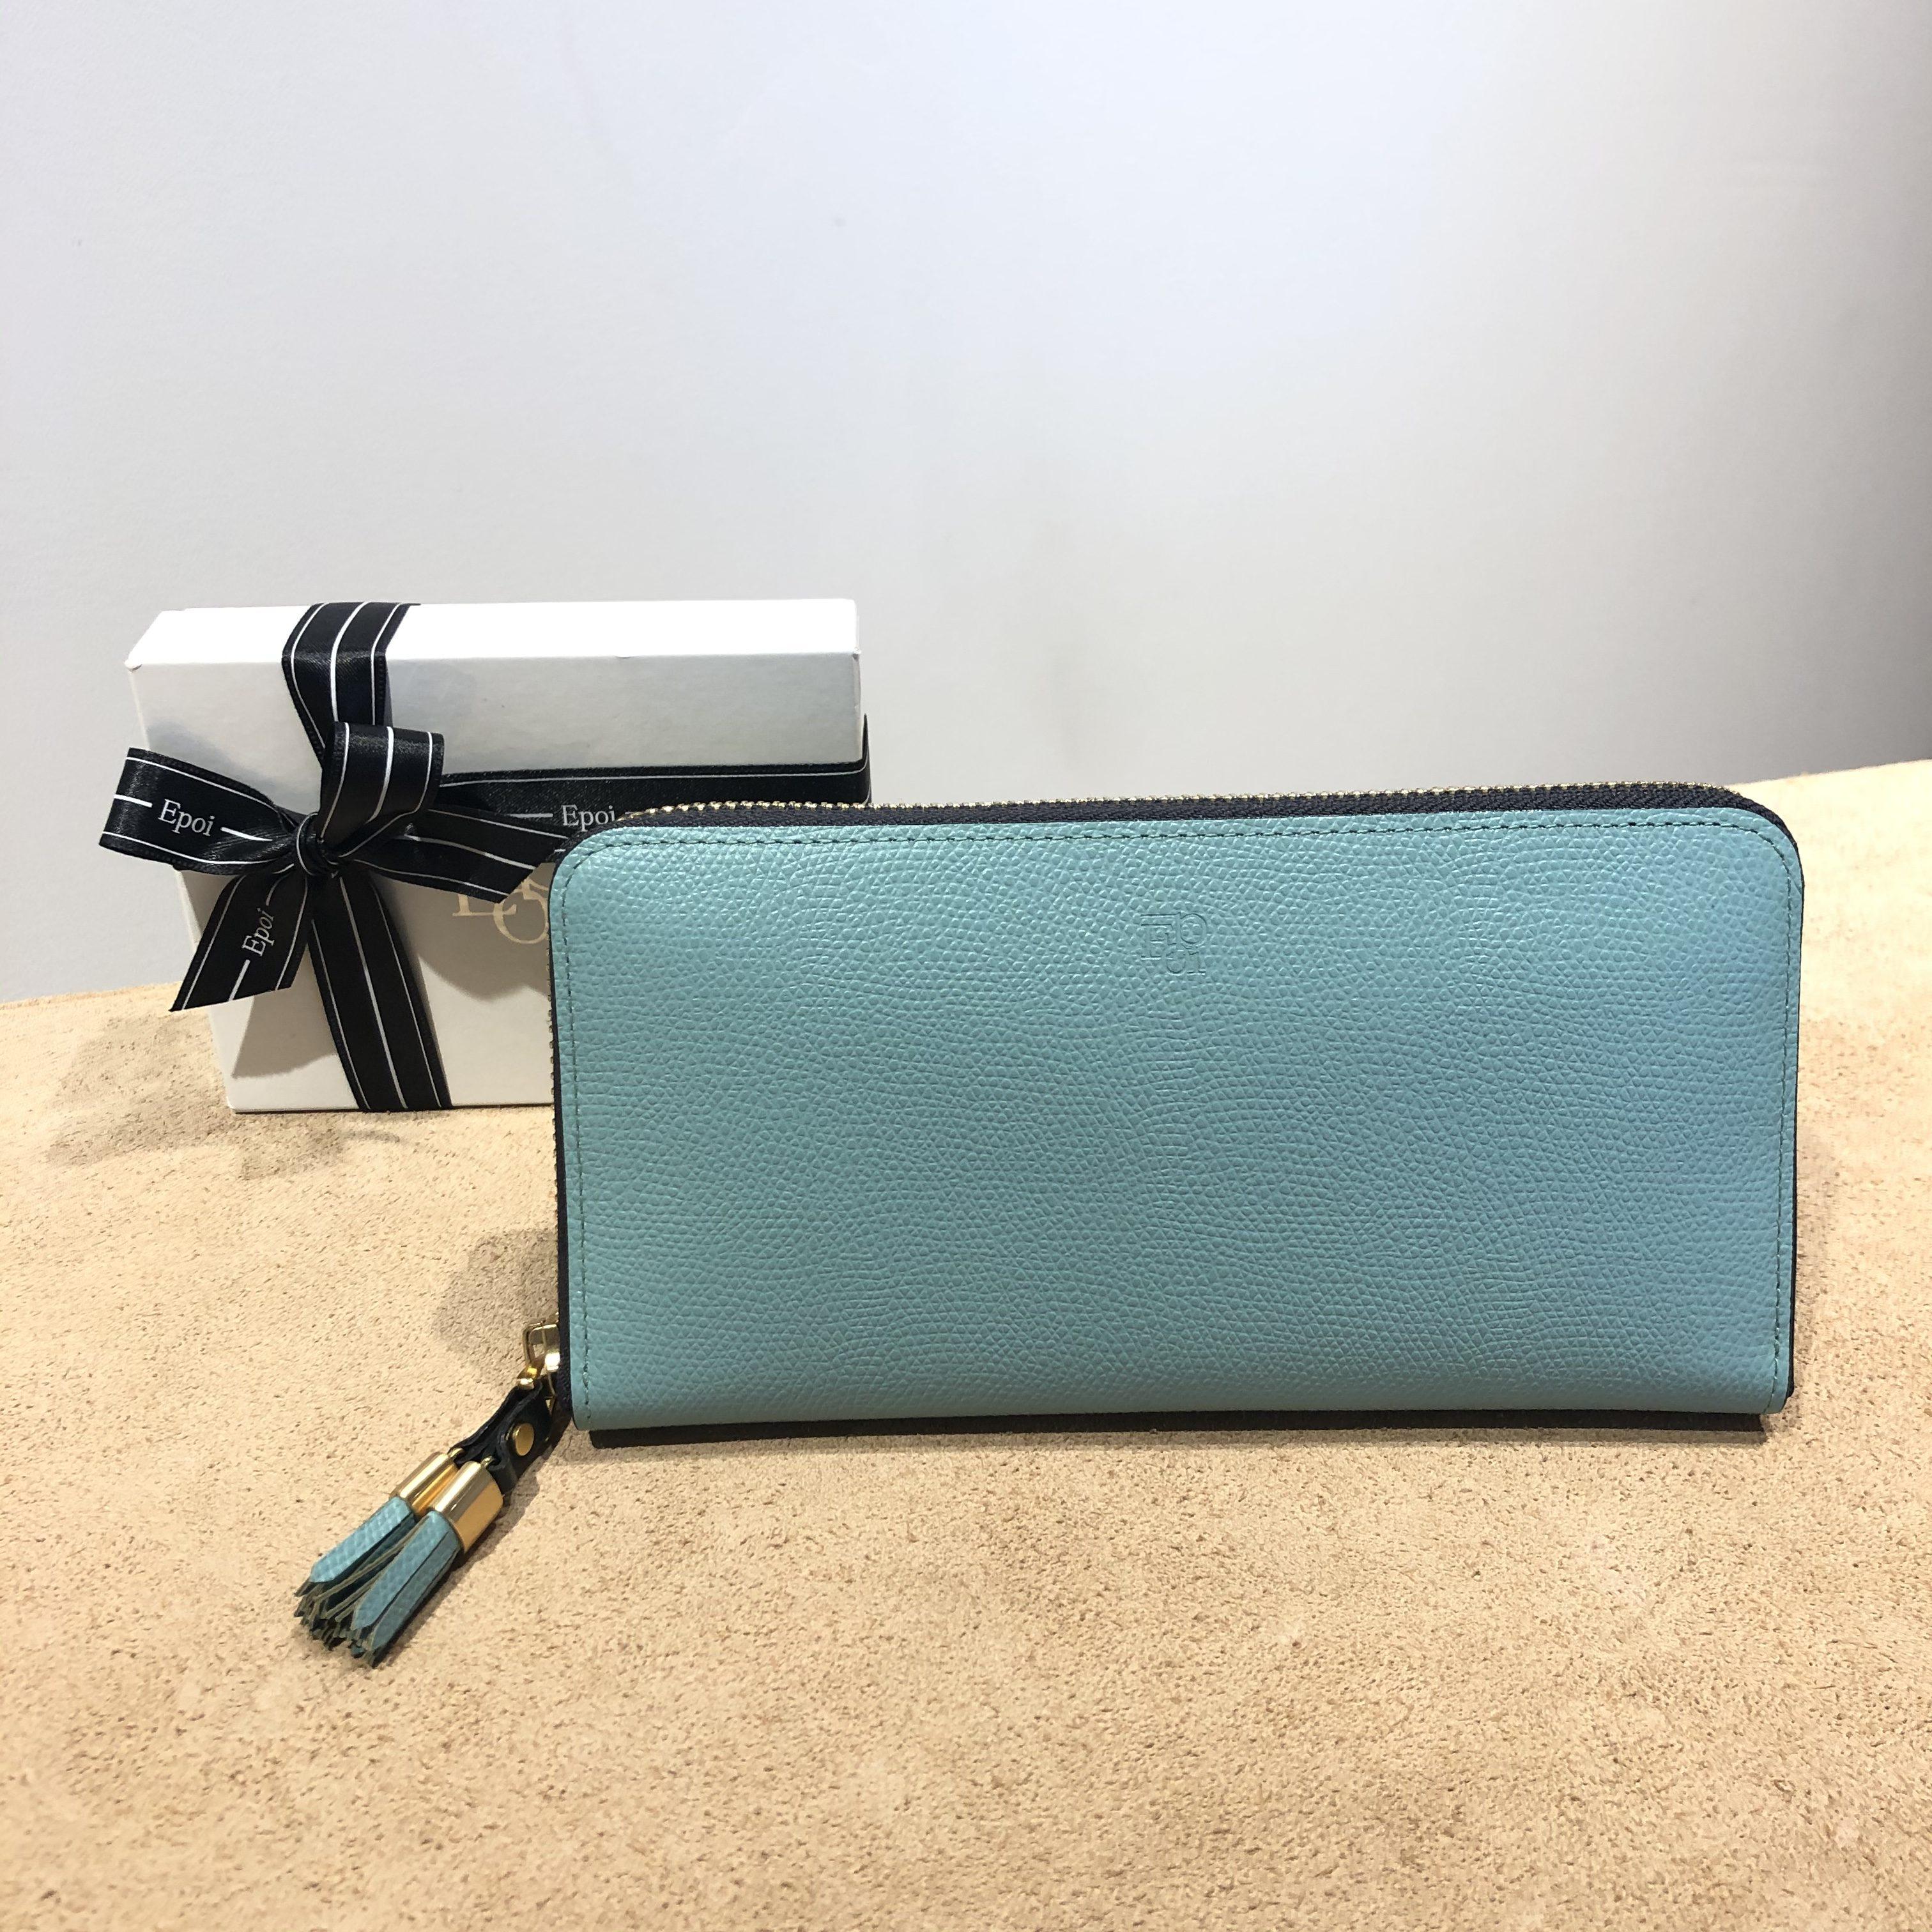 縁起の良い日にお財布を新調してみてはいかがでしょうか?